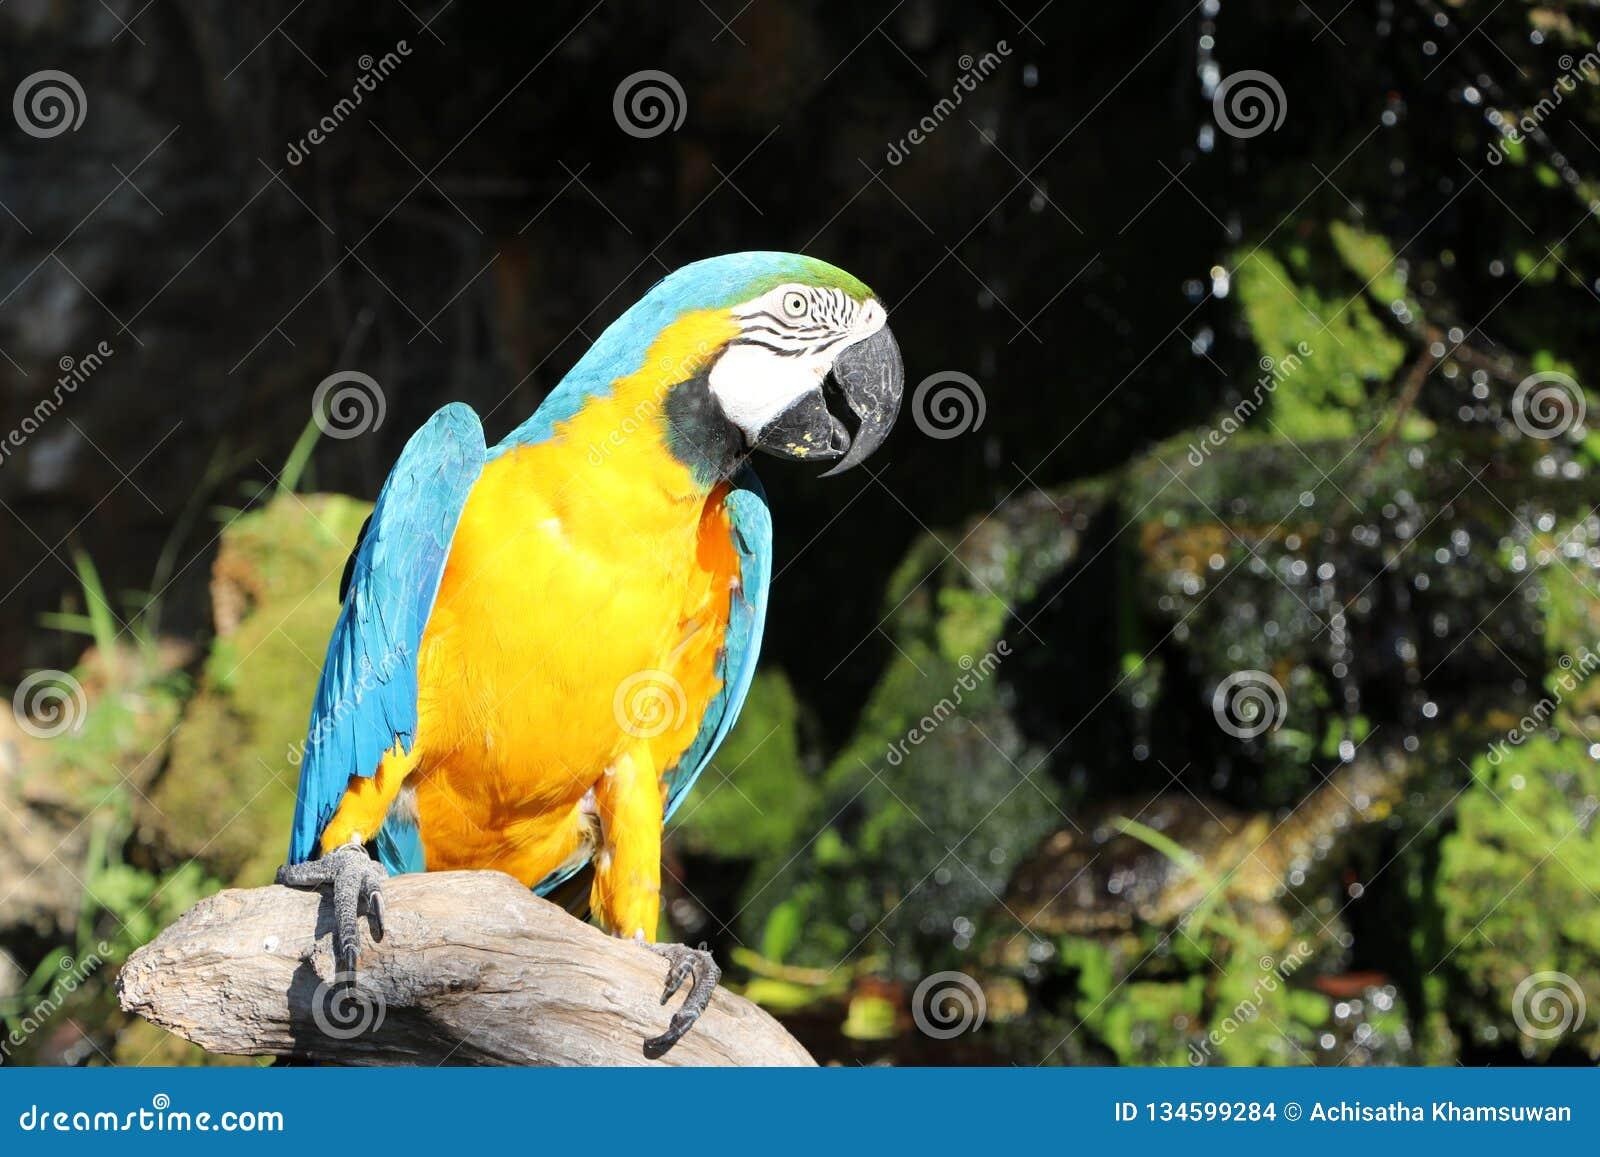 Mooie die de vogelpapegaai van de Macorevogel op het droge hout wordt neergestreken